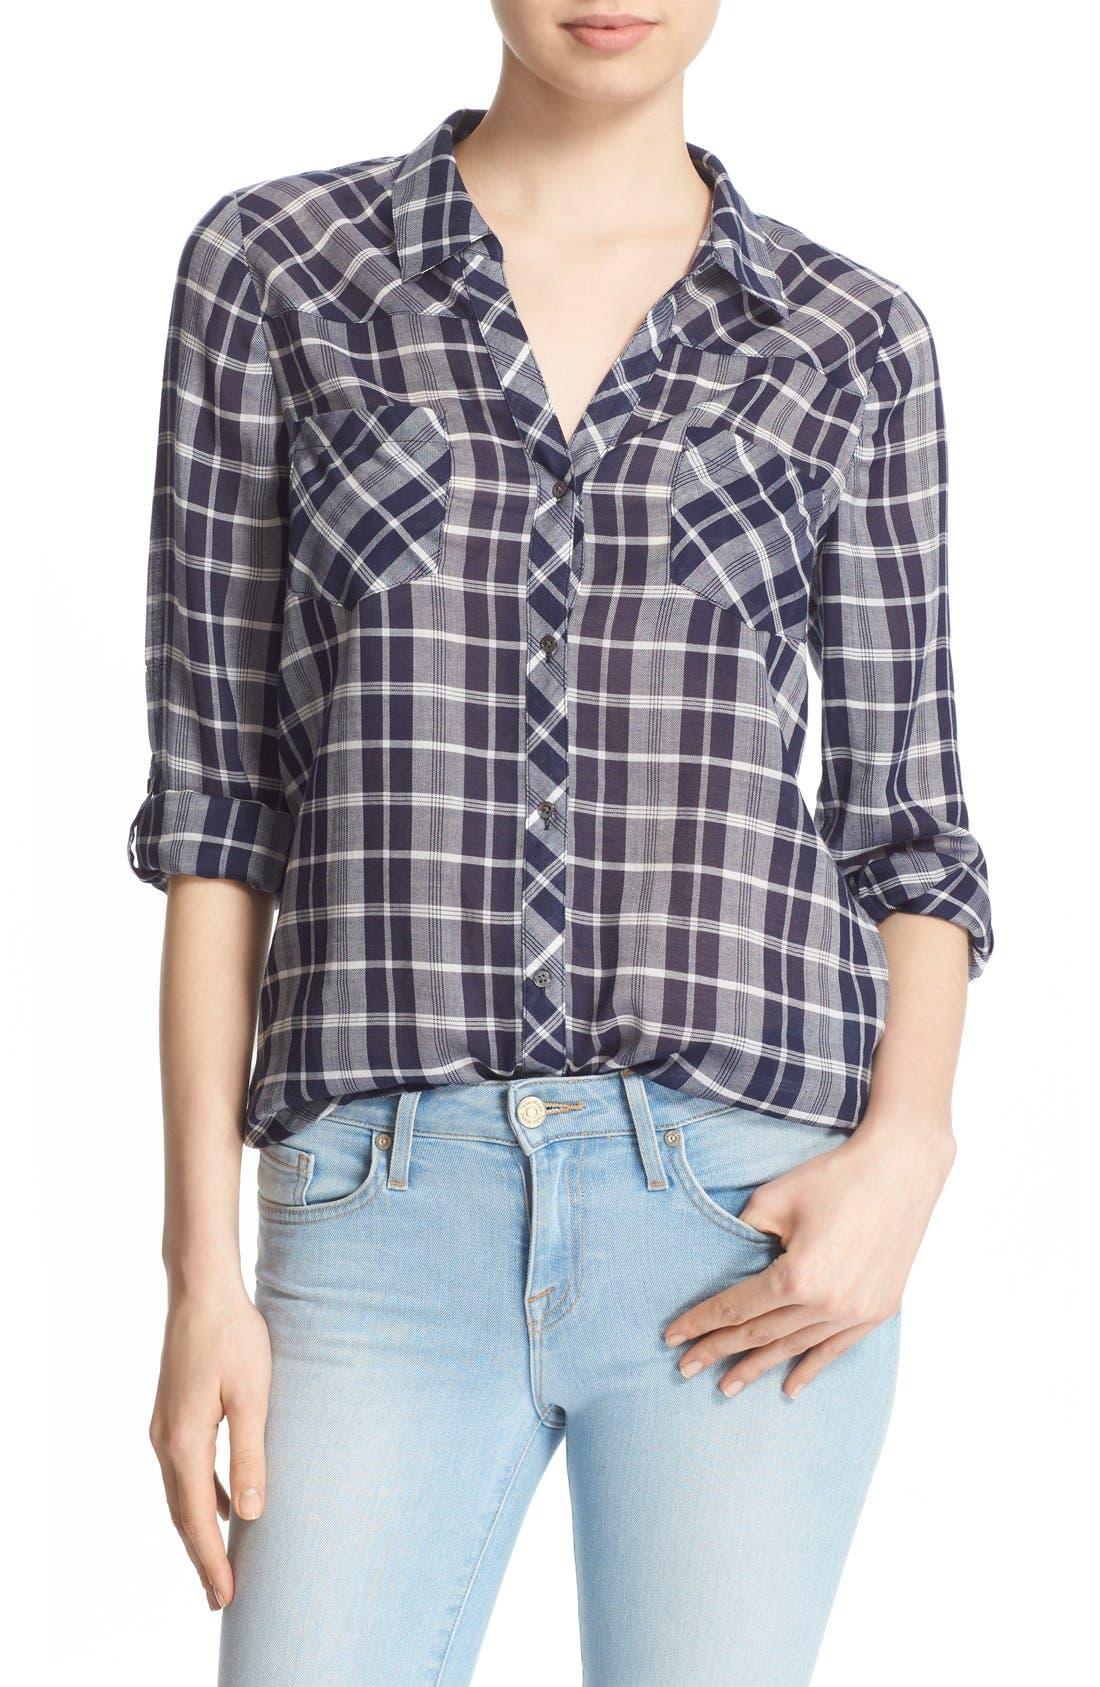 Main Image - Soft Joie 'Daesha' Plaid Shirt